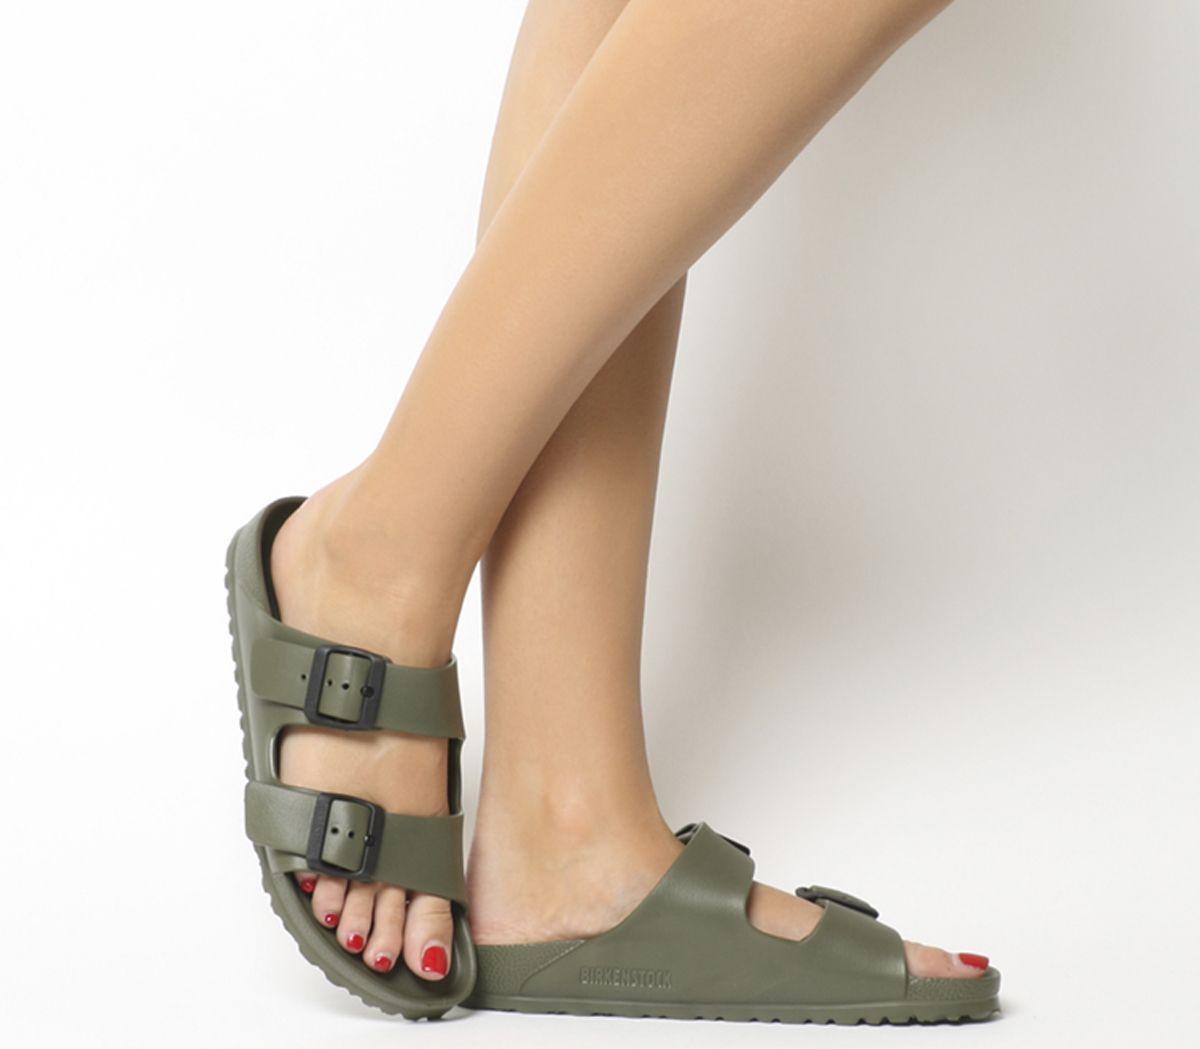 c94f76e8a0a9 Birkenstock Arizona Two Strap Khaki Eva - Sandals